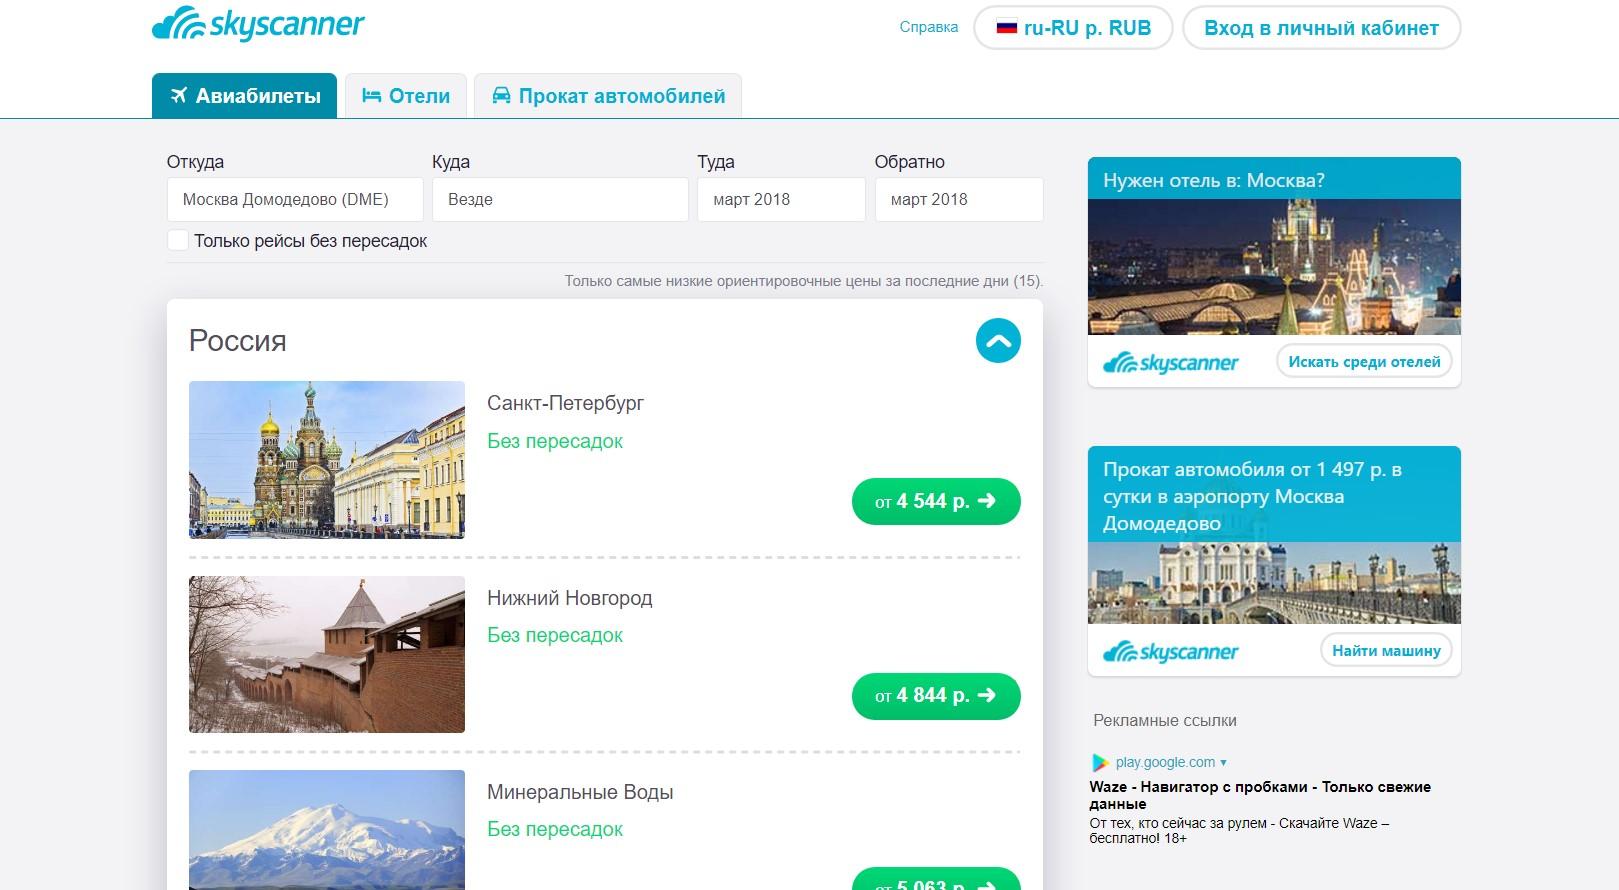 авиабилеты по россии поиск скайсканнер